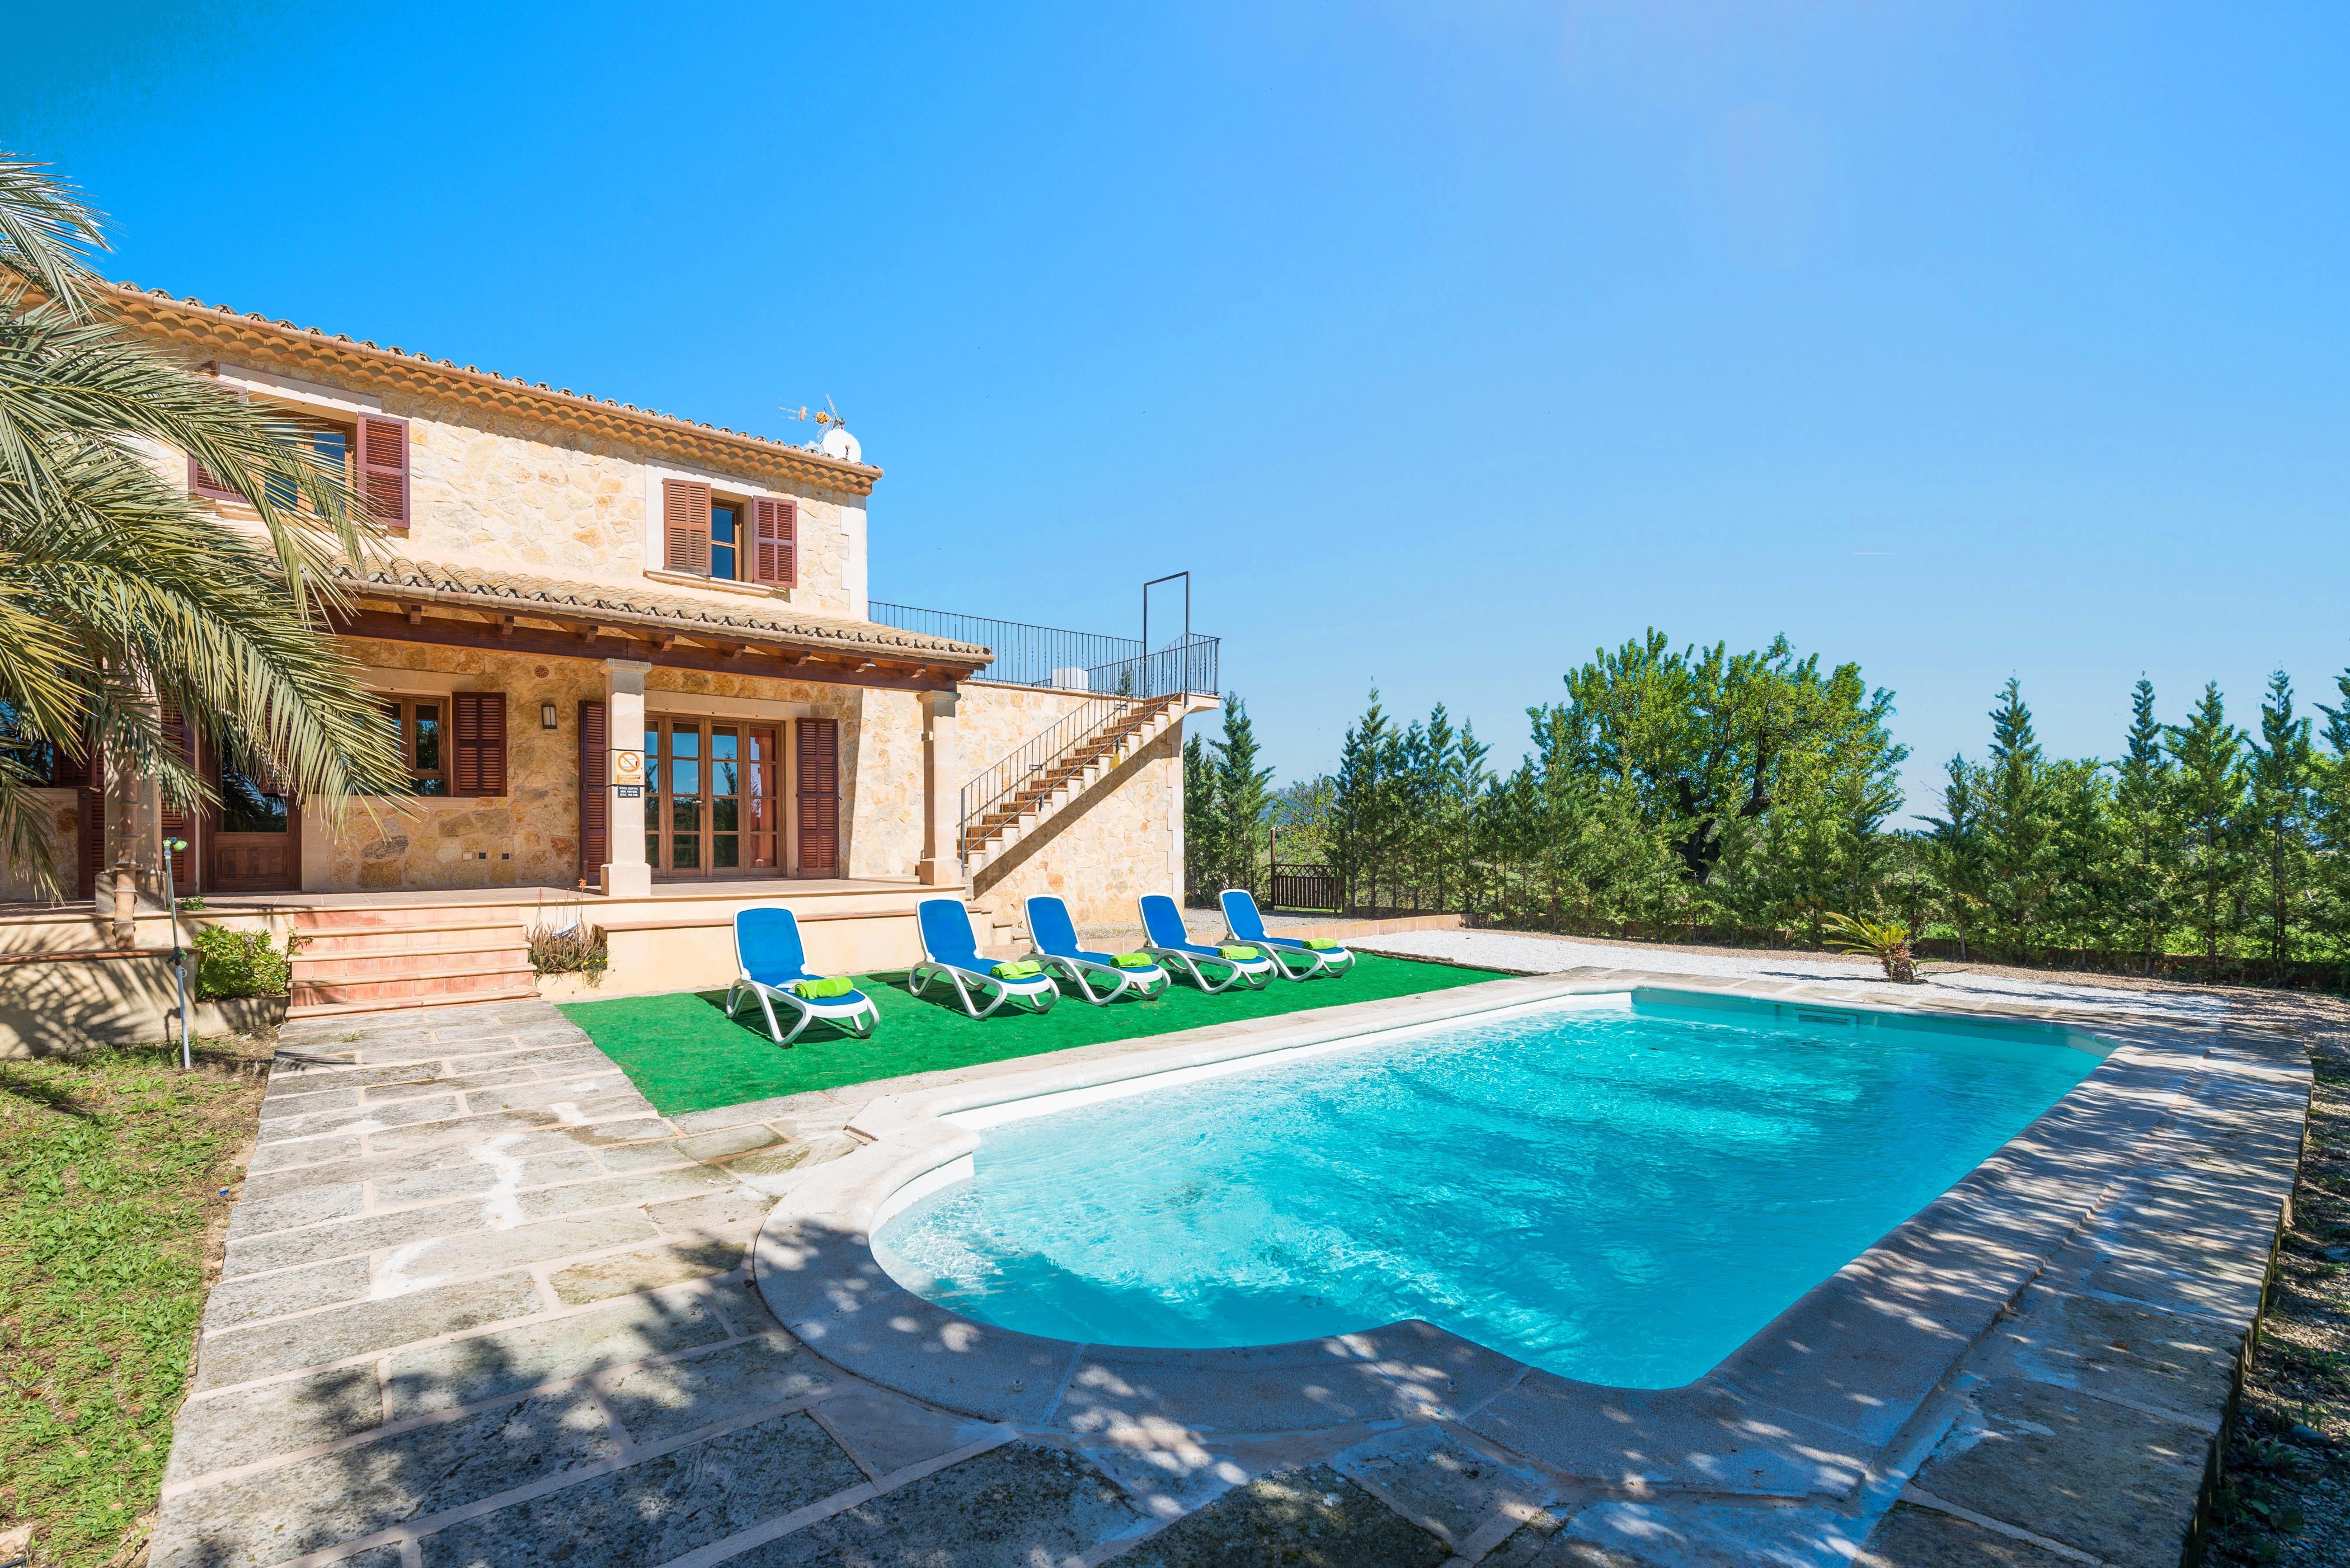 Ferienhaus BONA VIDA (1956241), Selva (ES), Mallorca, Balearische Inseln, Spanien, Bild 25